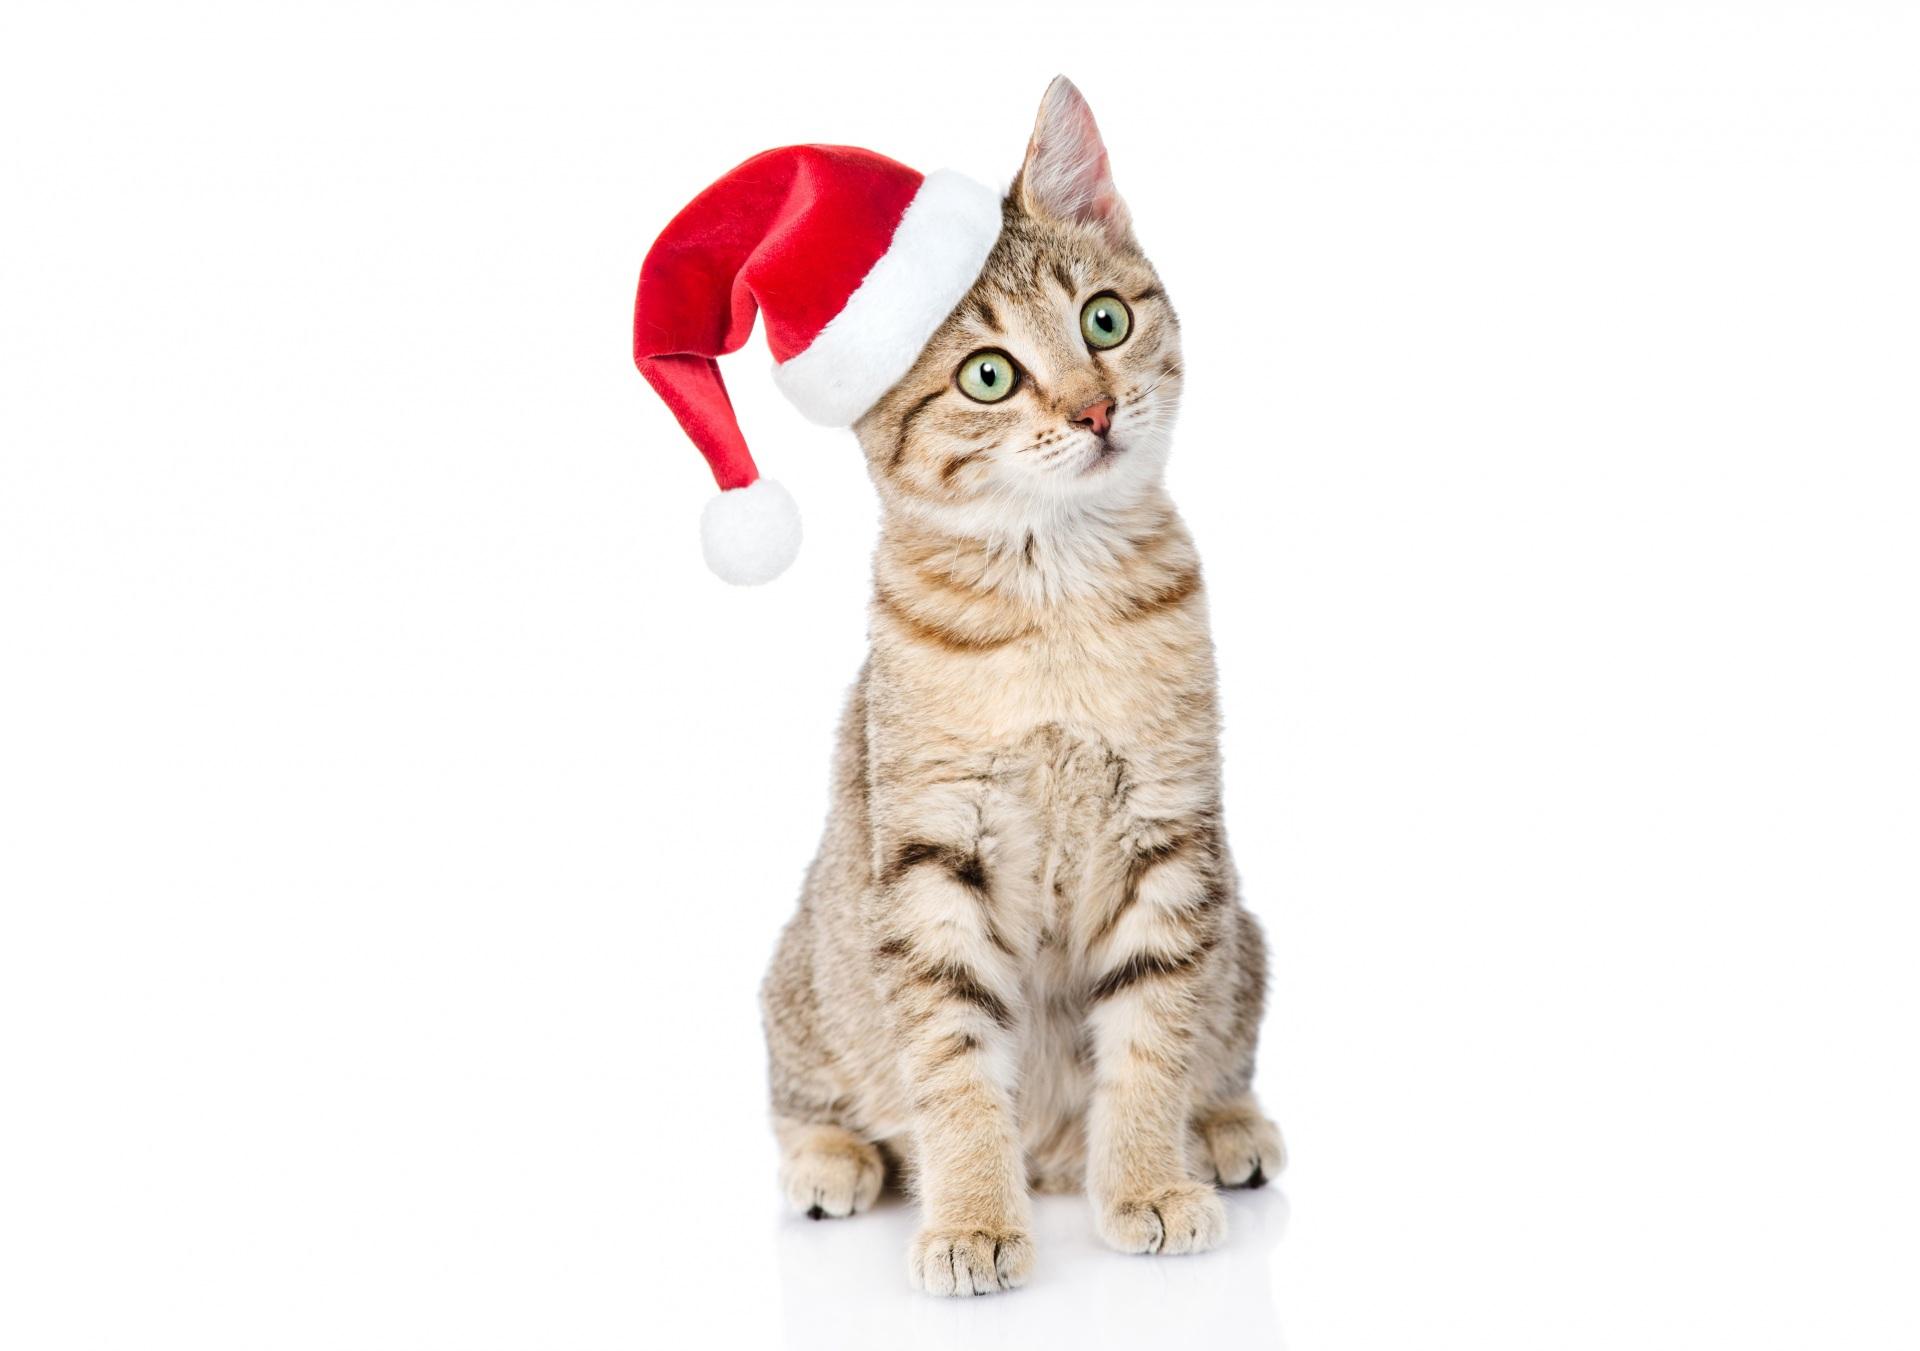 Фото Кошки Новый год в шапке Сидит смотрит животное белым фоном 1920x1351 кот коты кошка Рождество Шапки шапка сидя сидящие Взгляд смотрят Животные Белый фон белом фоне